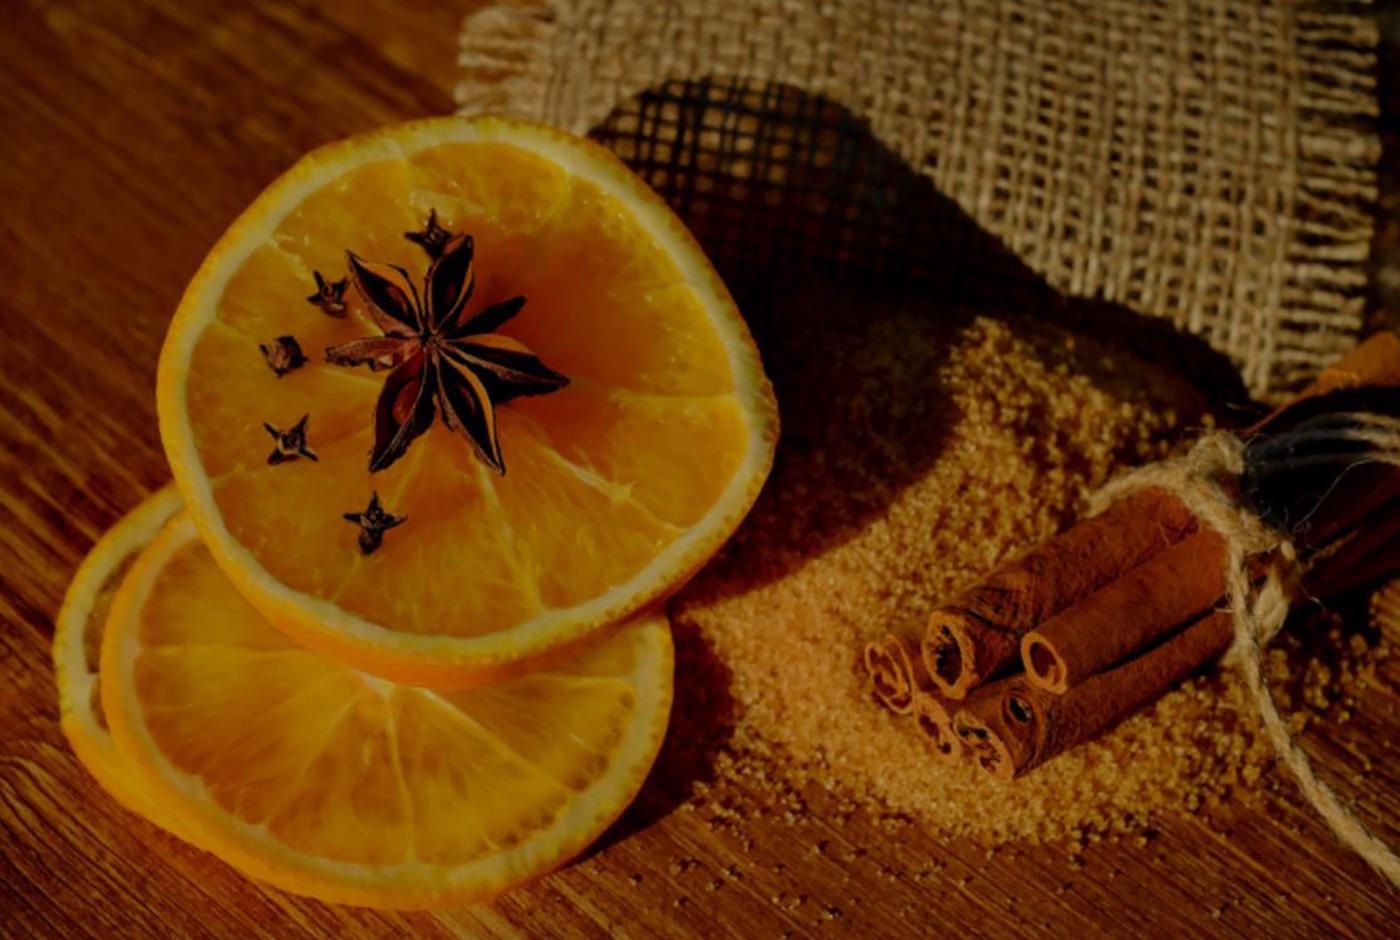 비정제 사탕수수 데메라라 설탕 원당(500g/1kg/5kg)/공정무역 비정제 설탕/사탕수수100% 화학처리NO/친환경 재배 상세이미지3